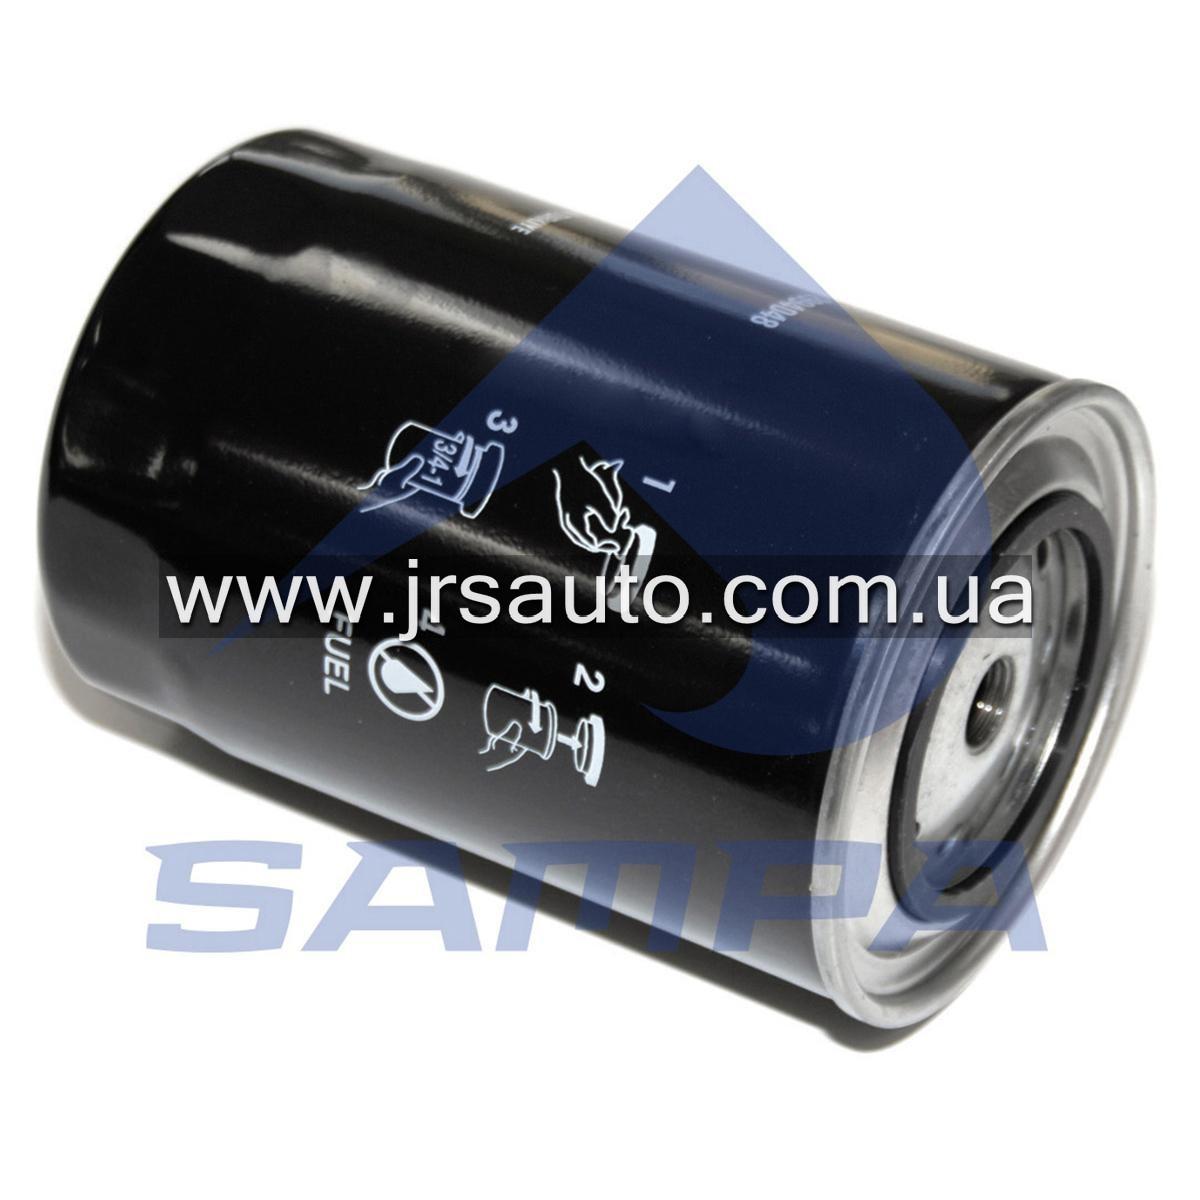 Фильтр топливный IVECO (M16x1,5/d62xd71/d108/168) \500315480 \ 061.358